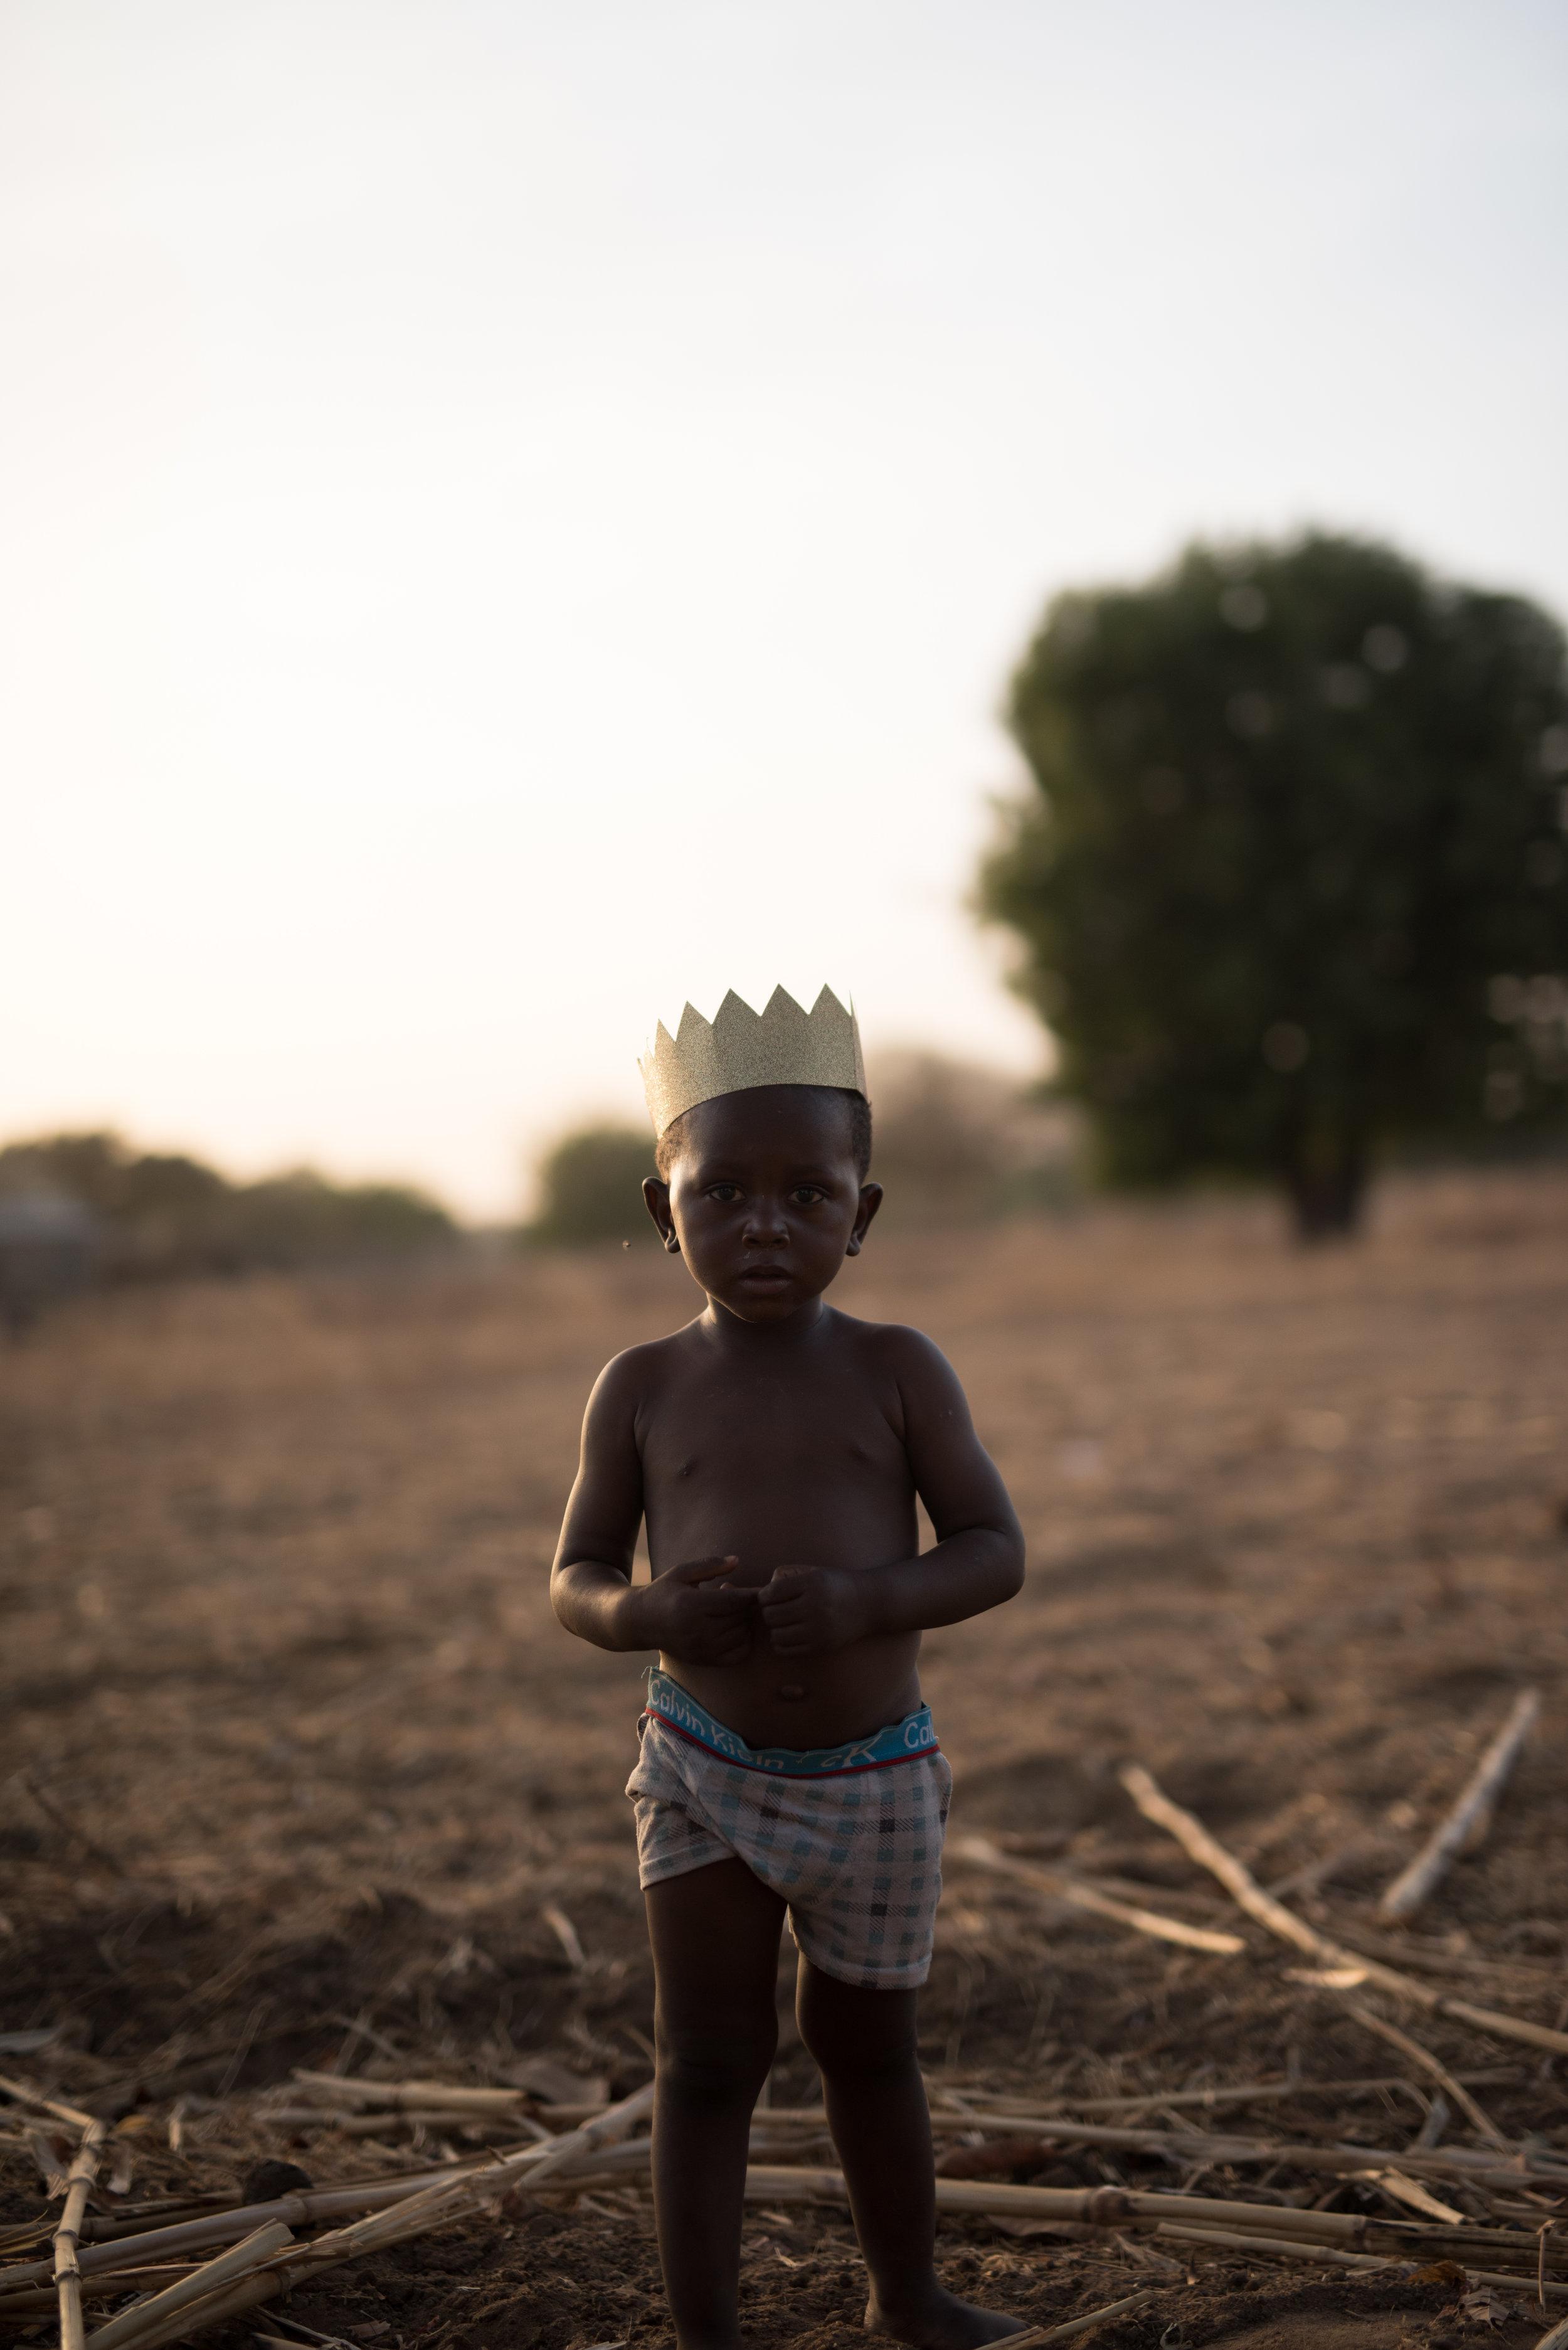 GHANA_AFRICA_HUMANITARIAN_PHOTOGRAPHY_TaraShupe_DSC_2335-RAW.jpg